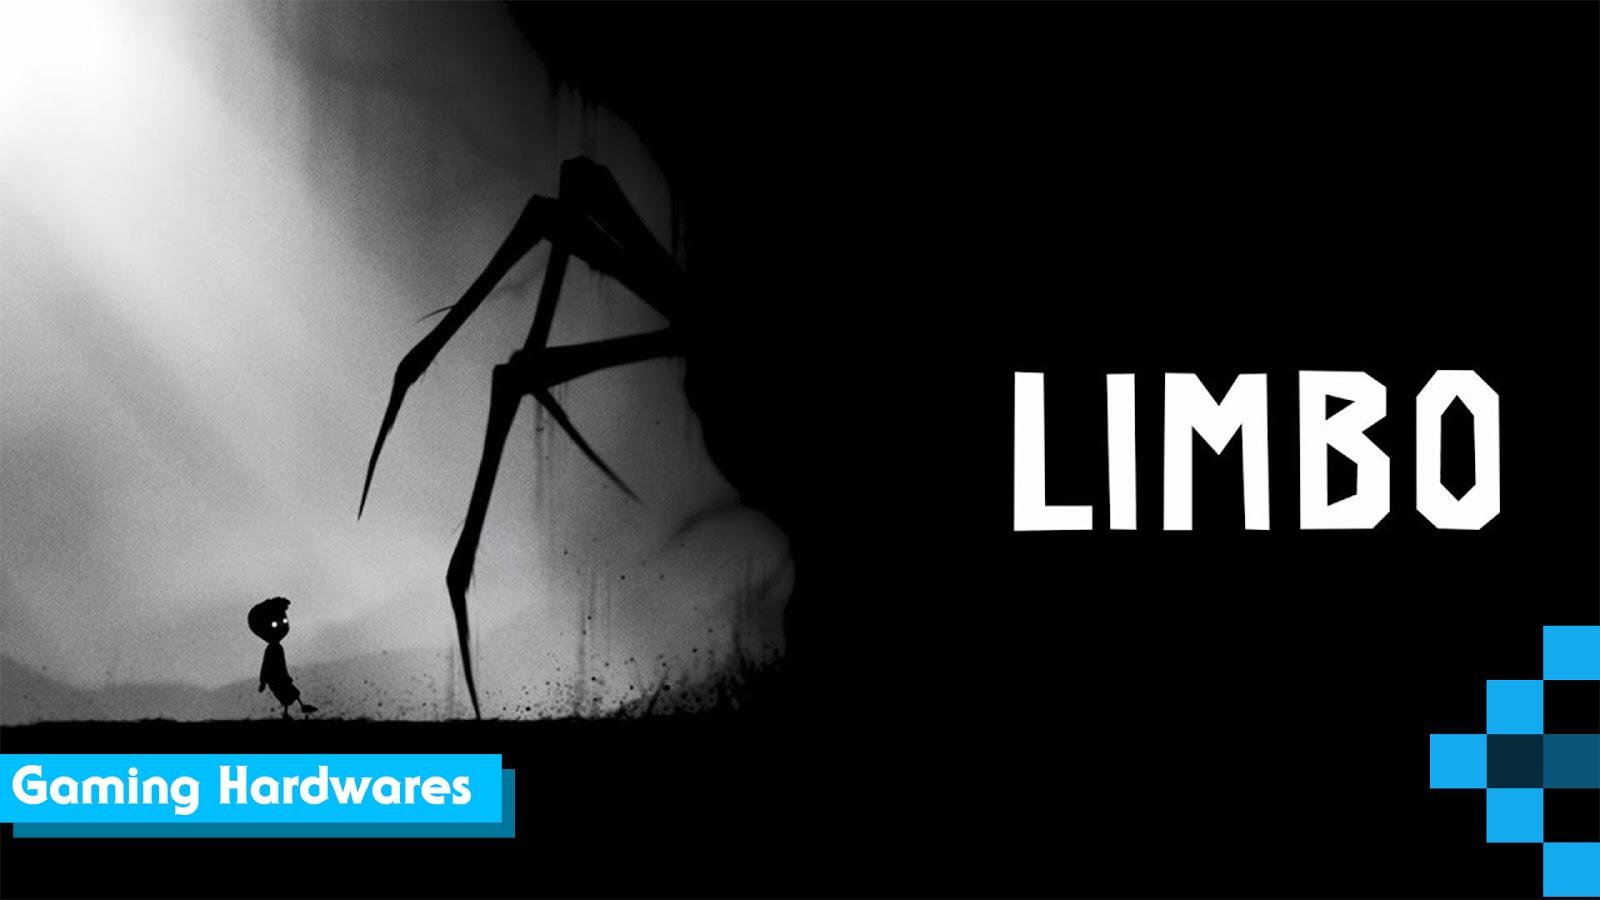 لعبة ليمبو للأندرويد